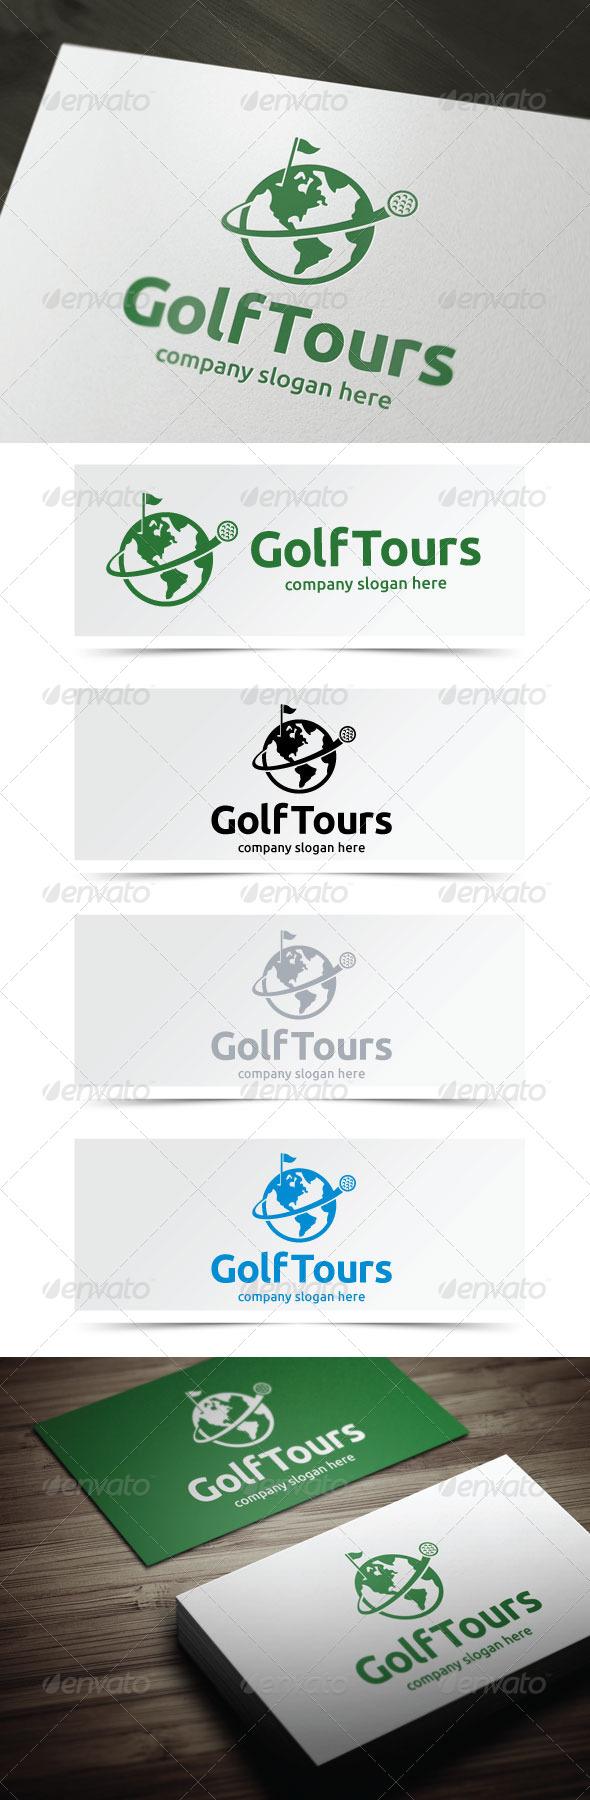 GraphicRiver Golf Tours 4978086